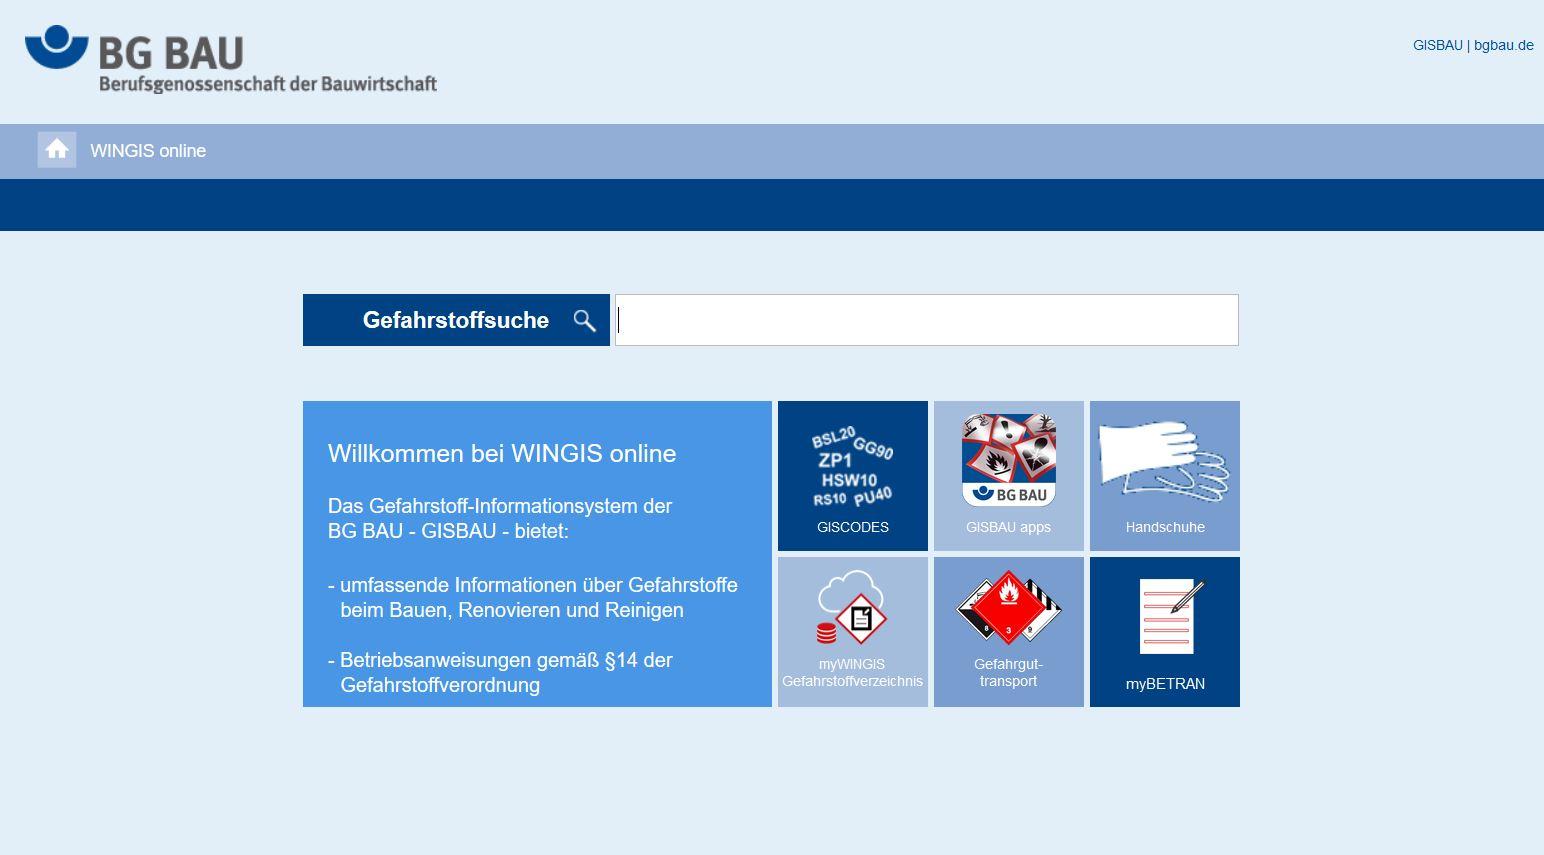 Startseite der Website WINGIS online